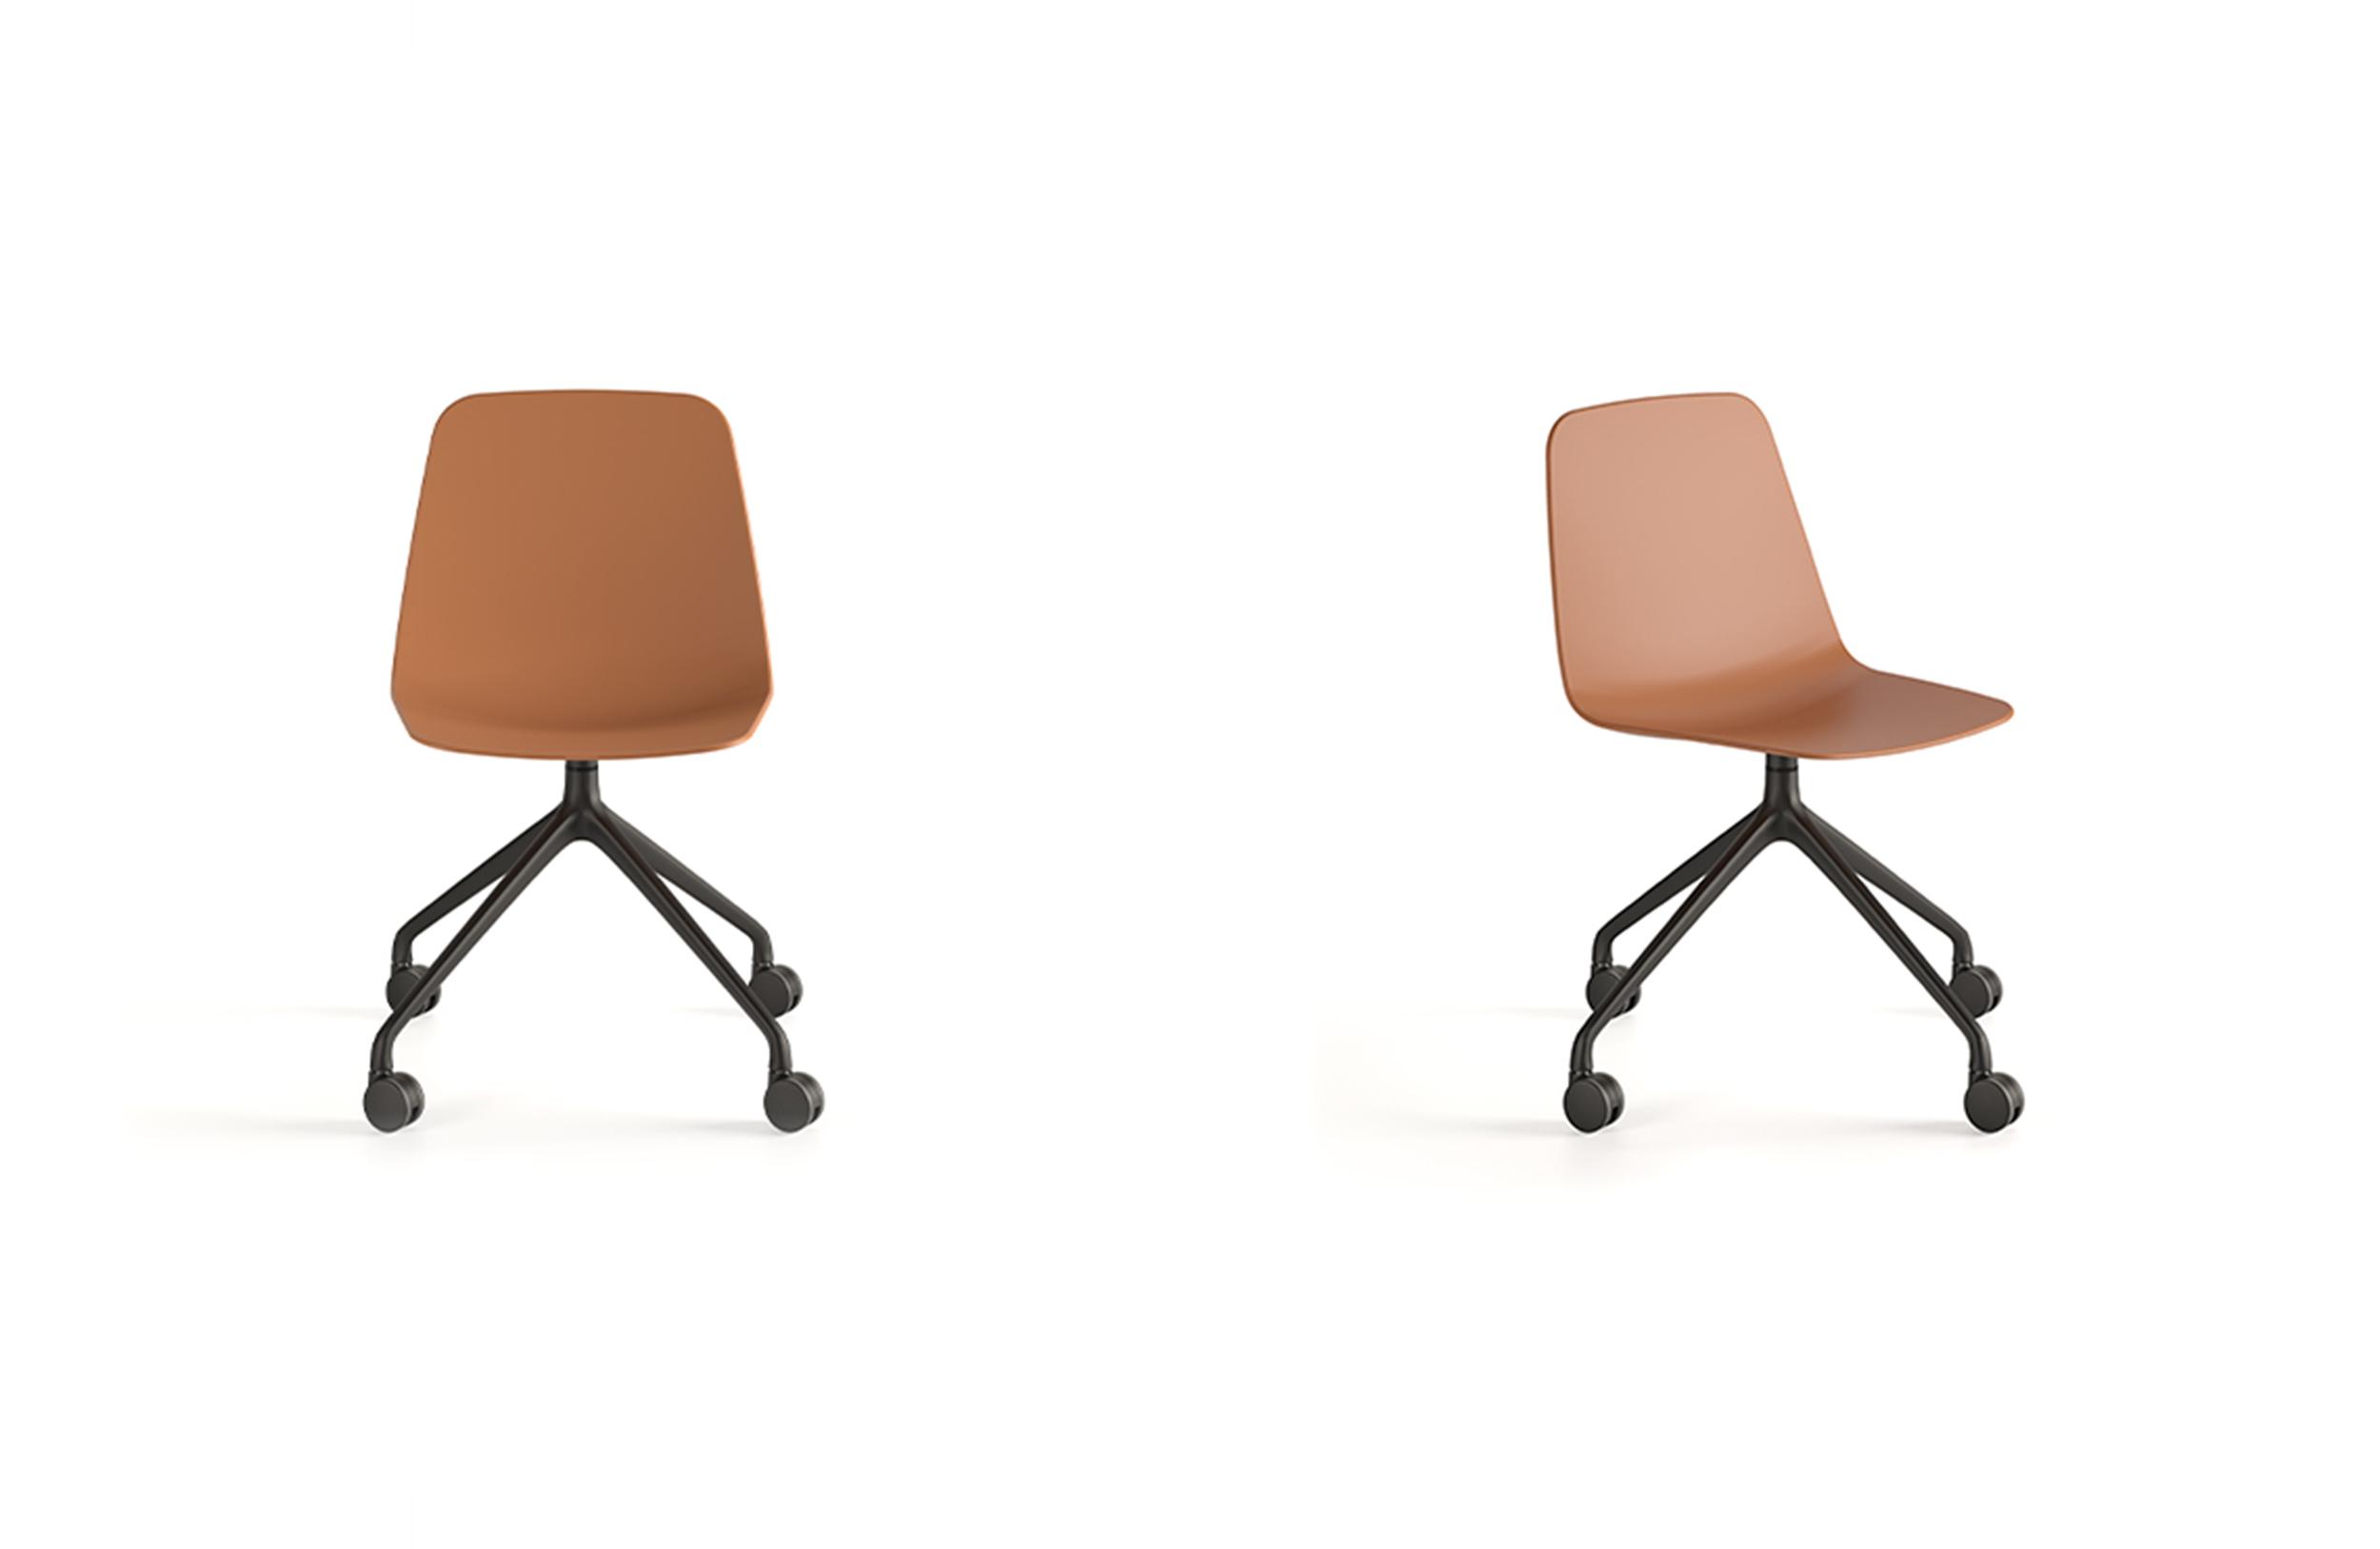 MAARTEN 餐椅/洽谈椅